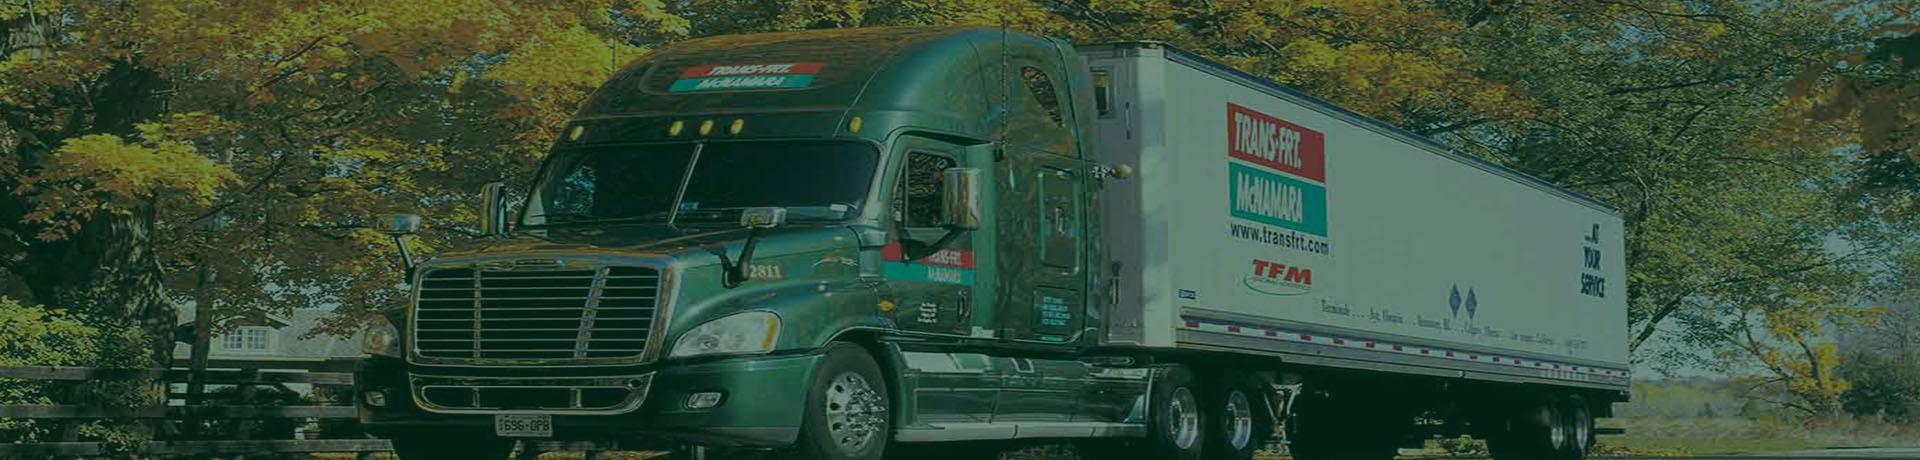 Trans-Frt McNamara Truckload or LTL